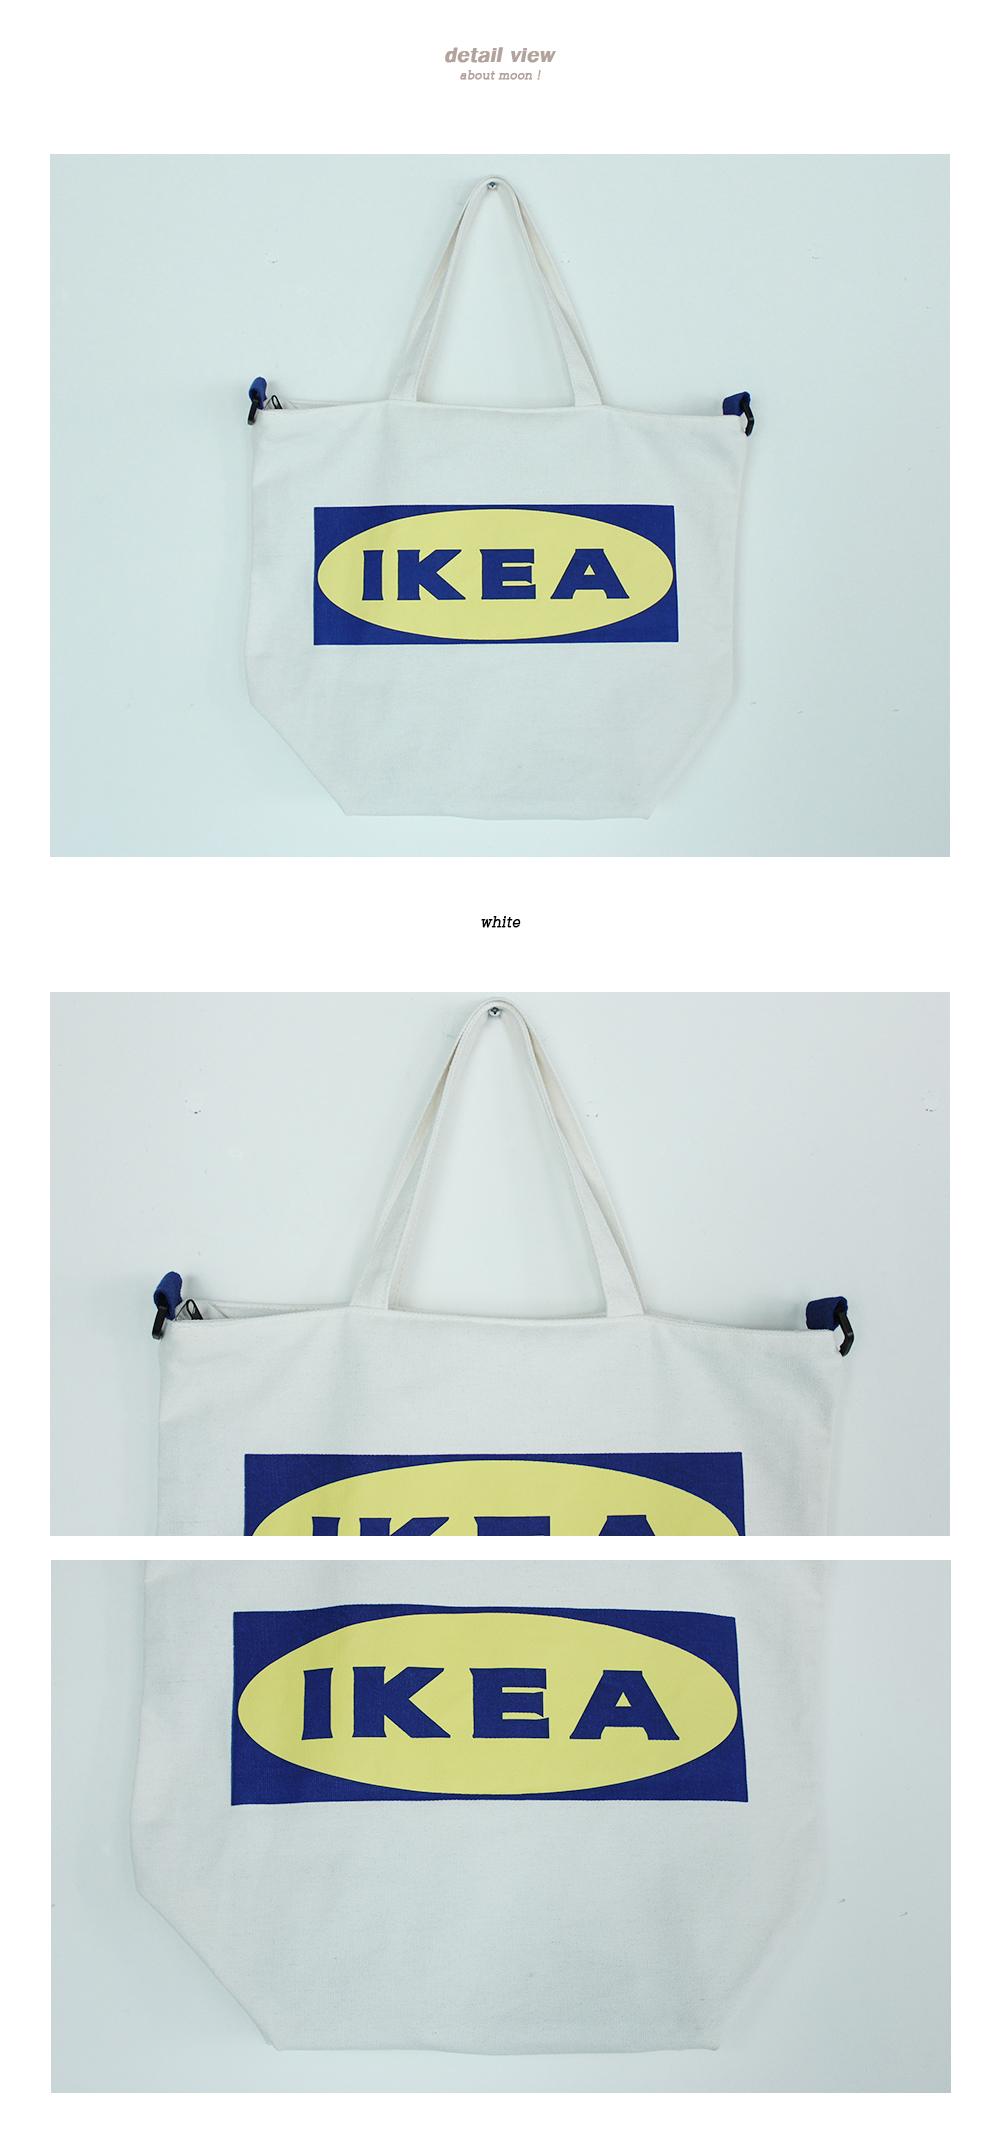 Ikea Bag